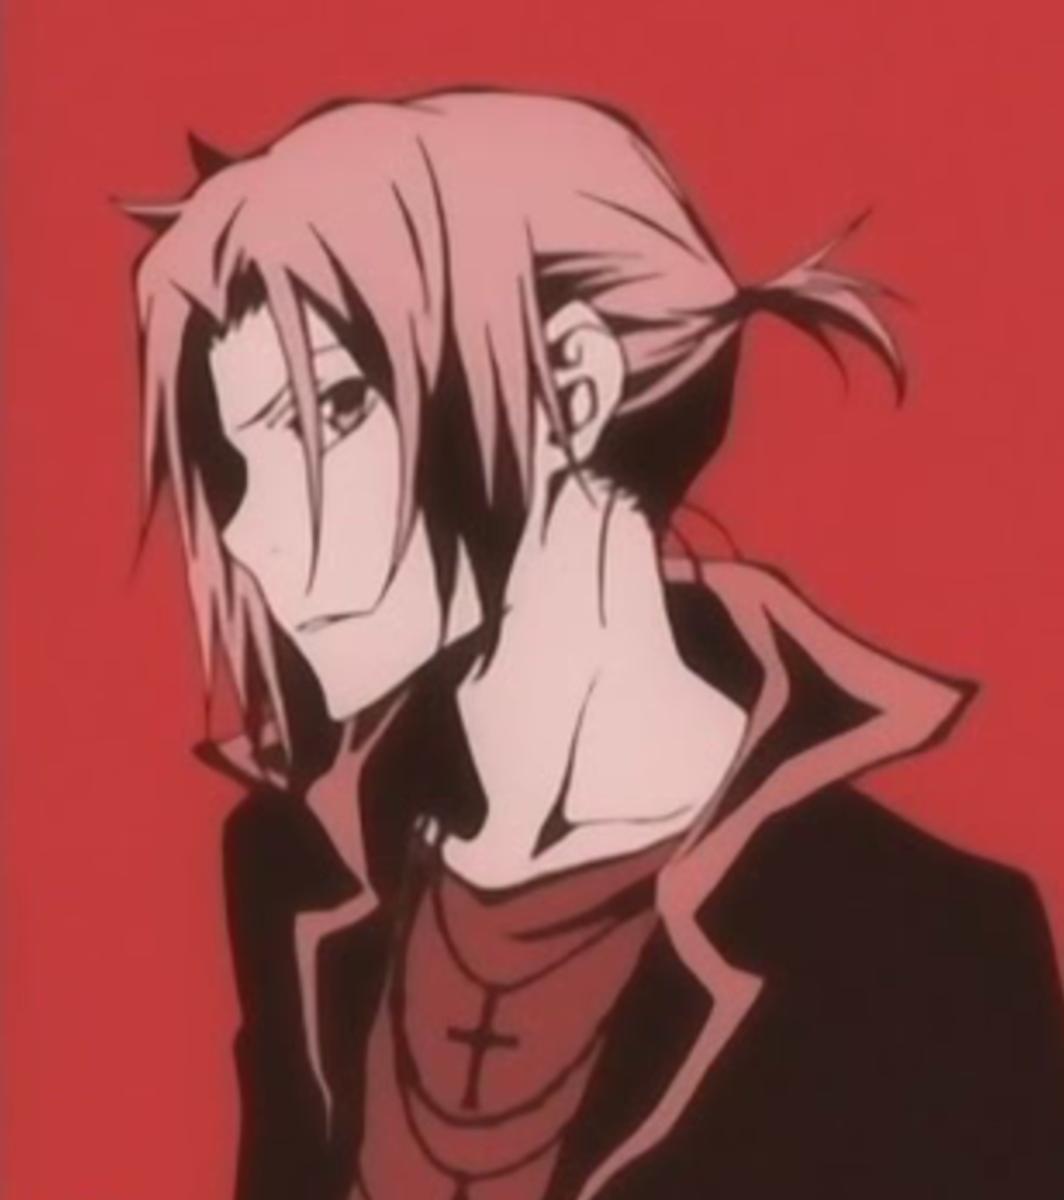 Gokudera Hayato, a guy who was really a Scorpio even though in canon he's a Virgo.